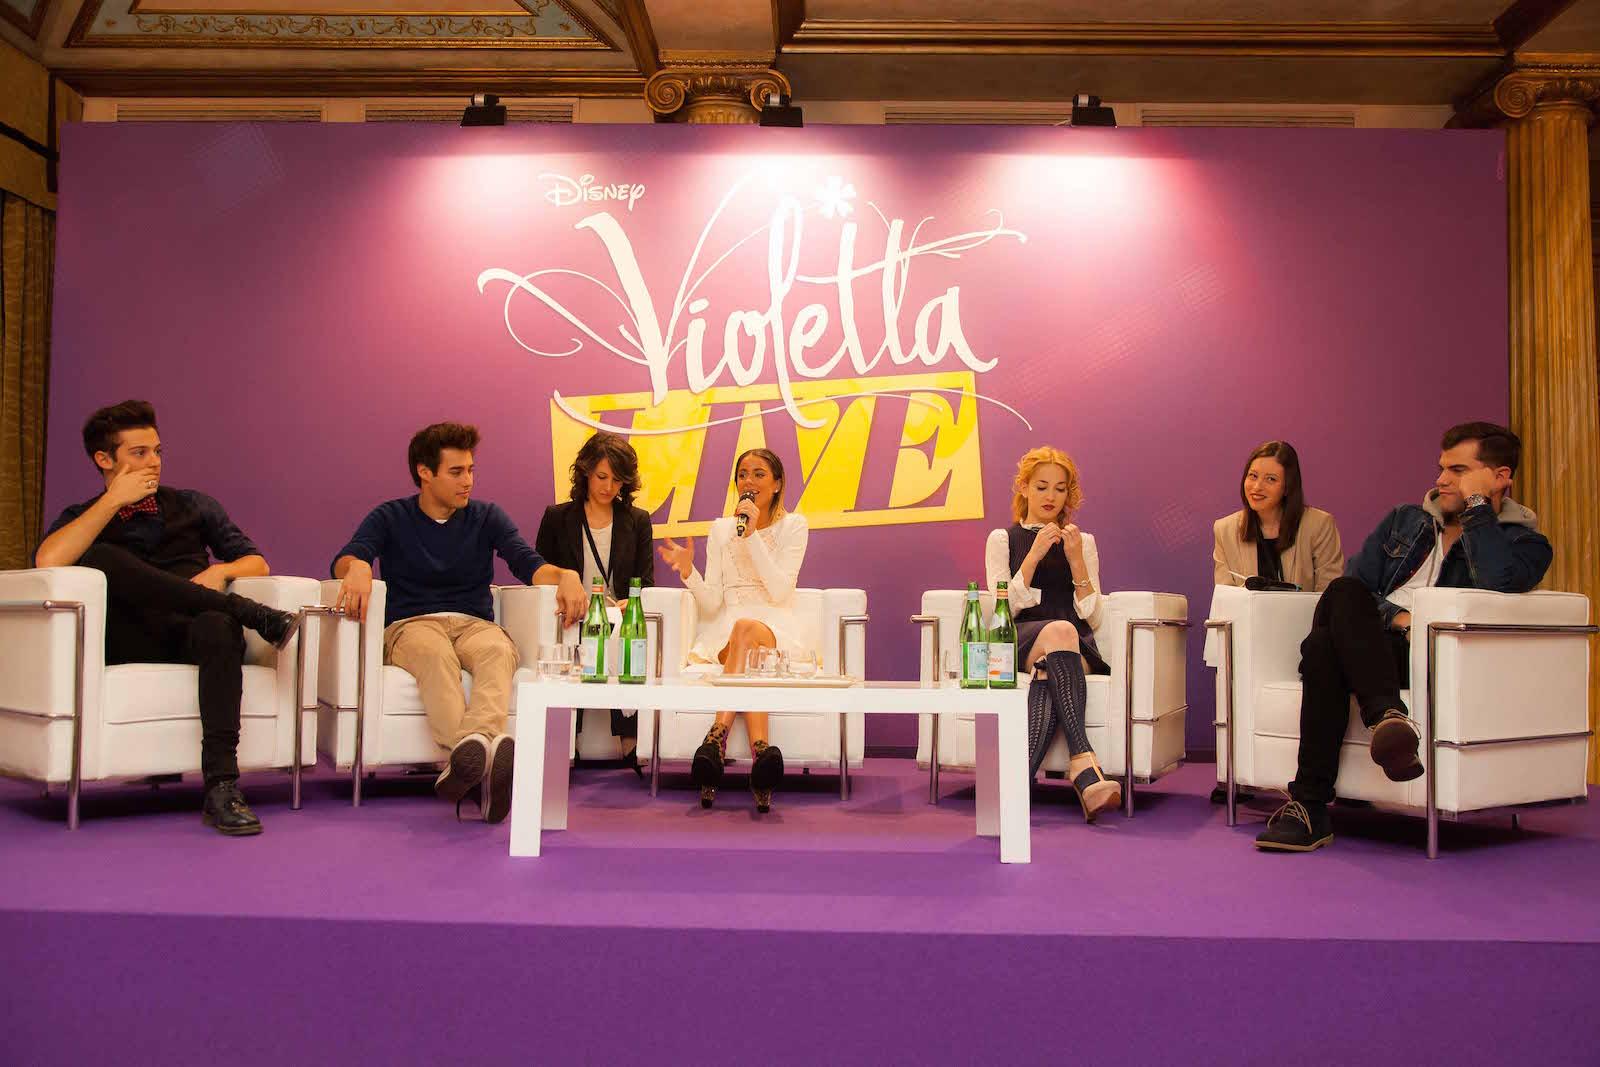 Martina Stoessel (Violetta), Ruggero Pasquarelli, Mercedes Lambre, Diego Dominguez e Jorge Blanco in conferenza stampa a Milano